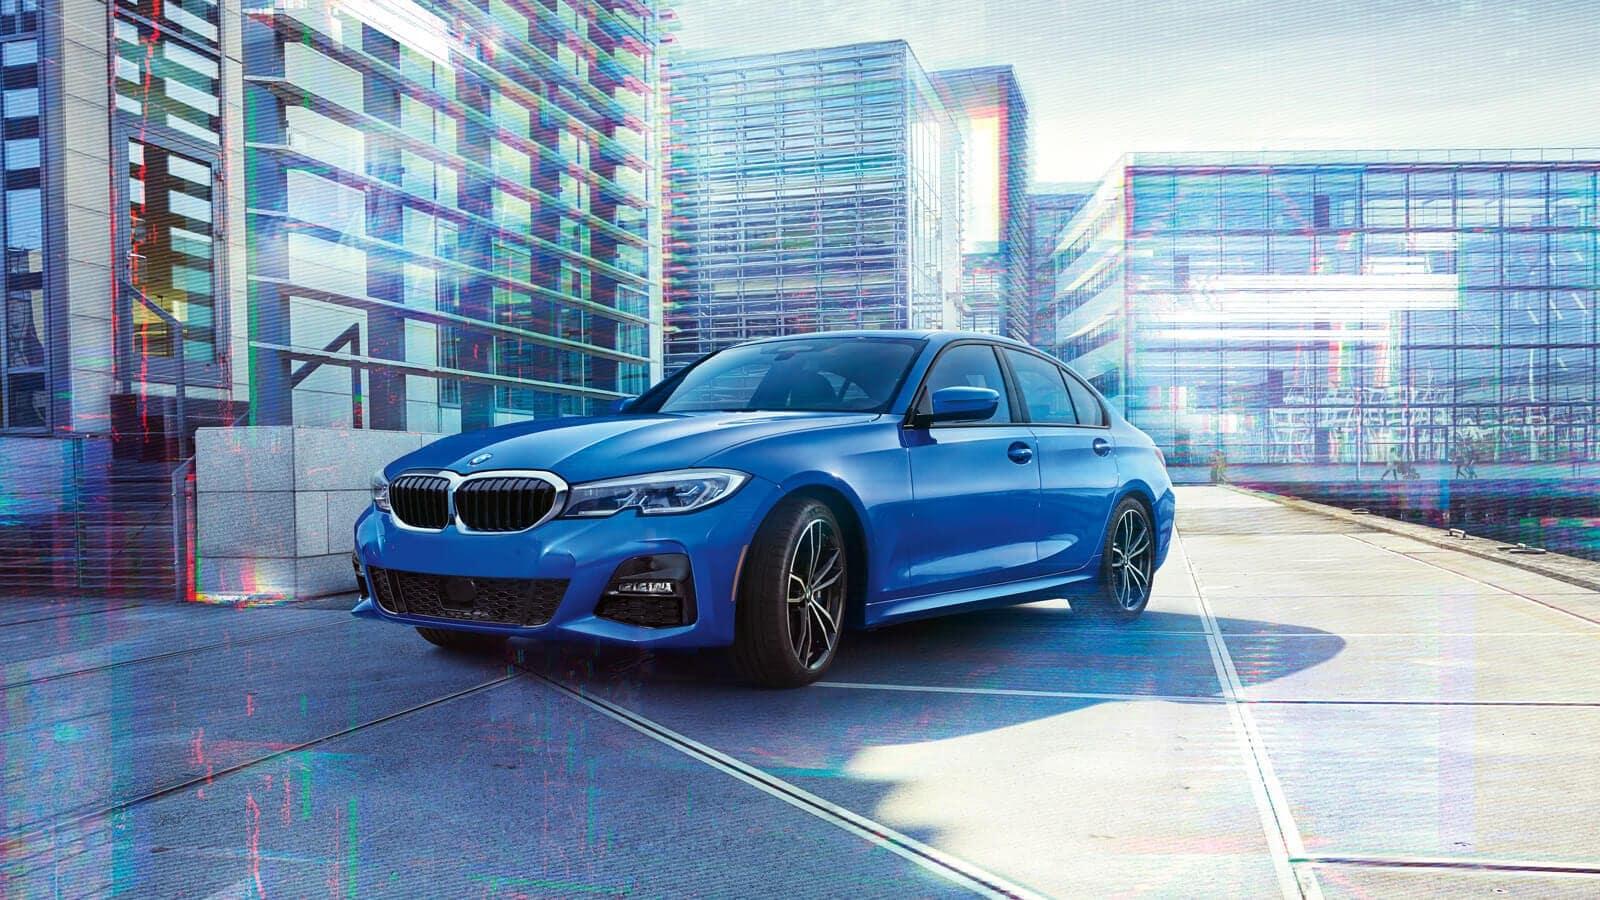 2021 BMW 3 Series El Cajon